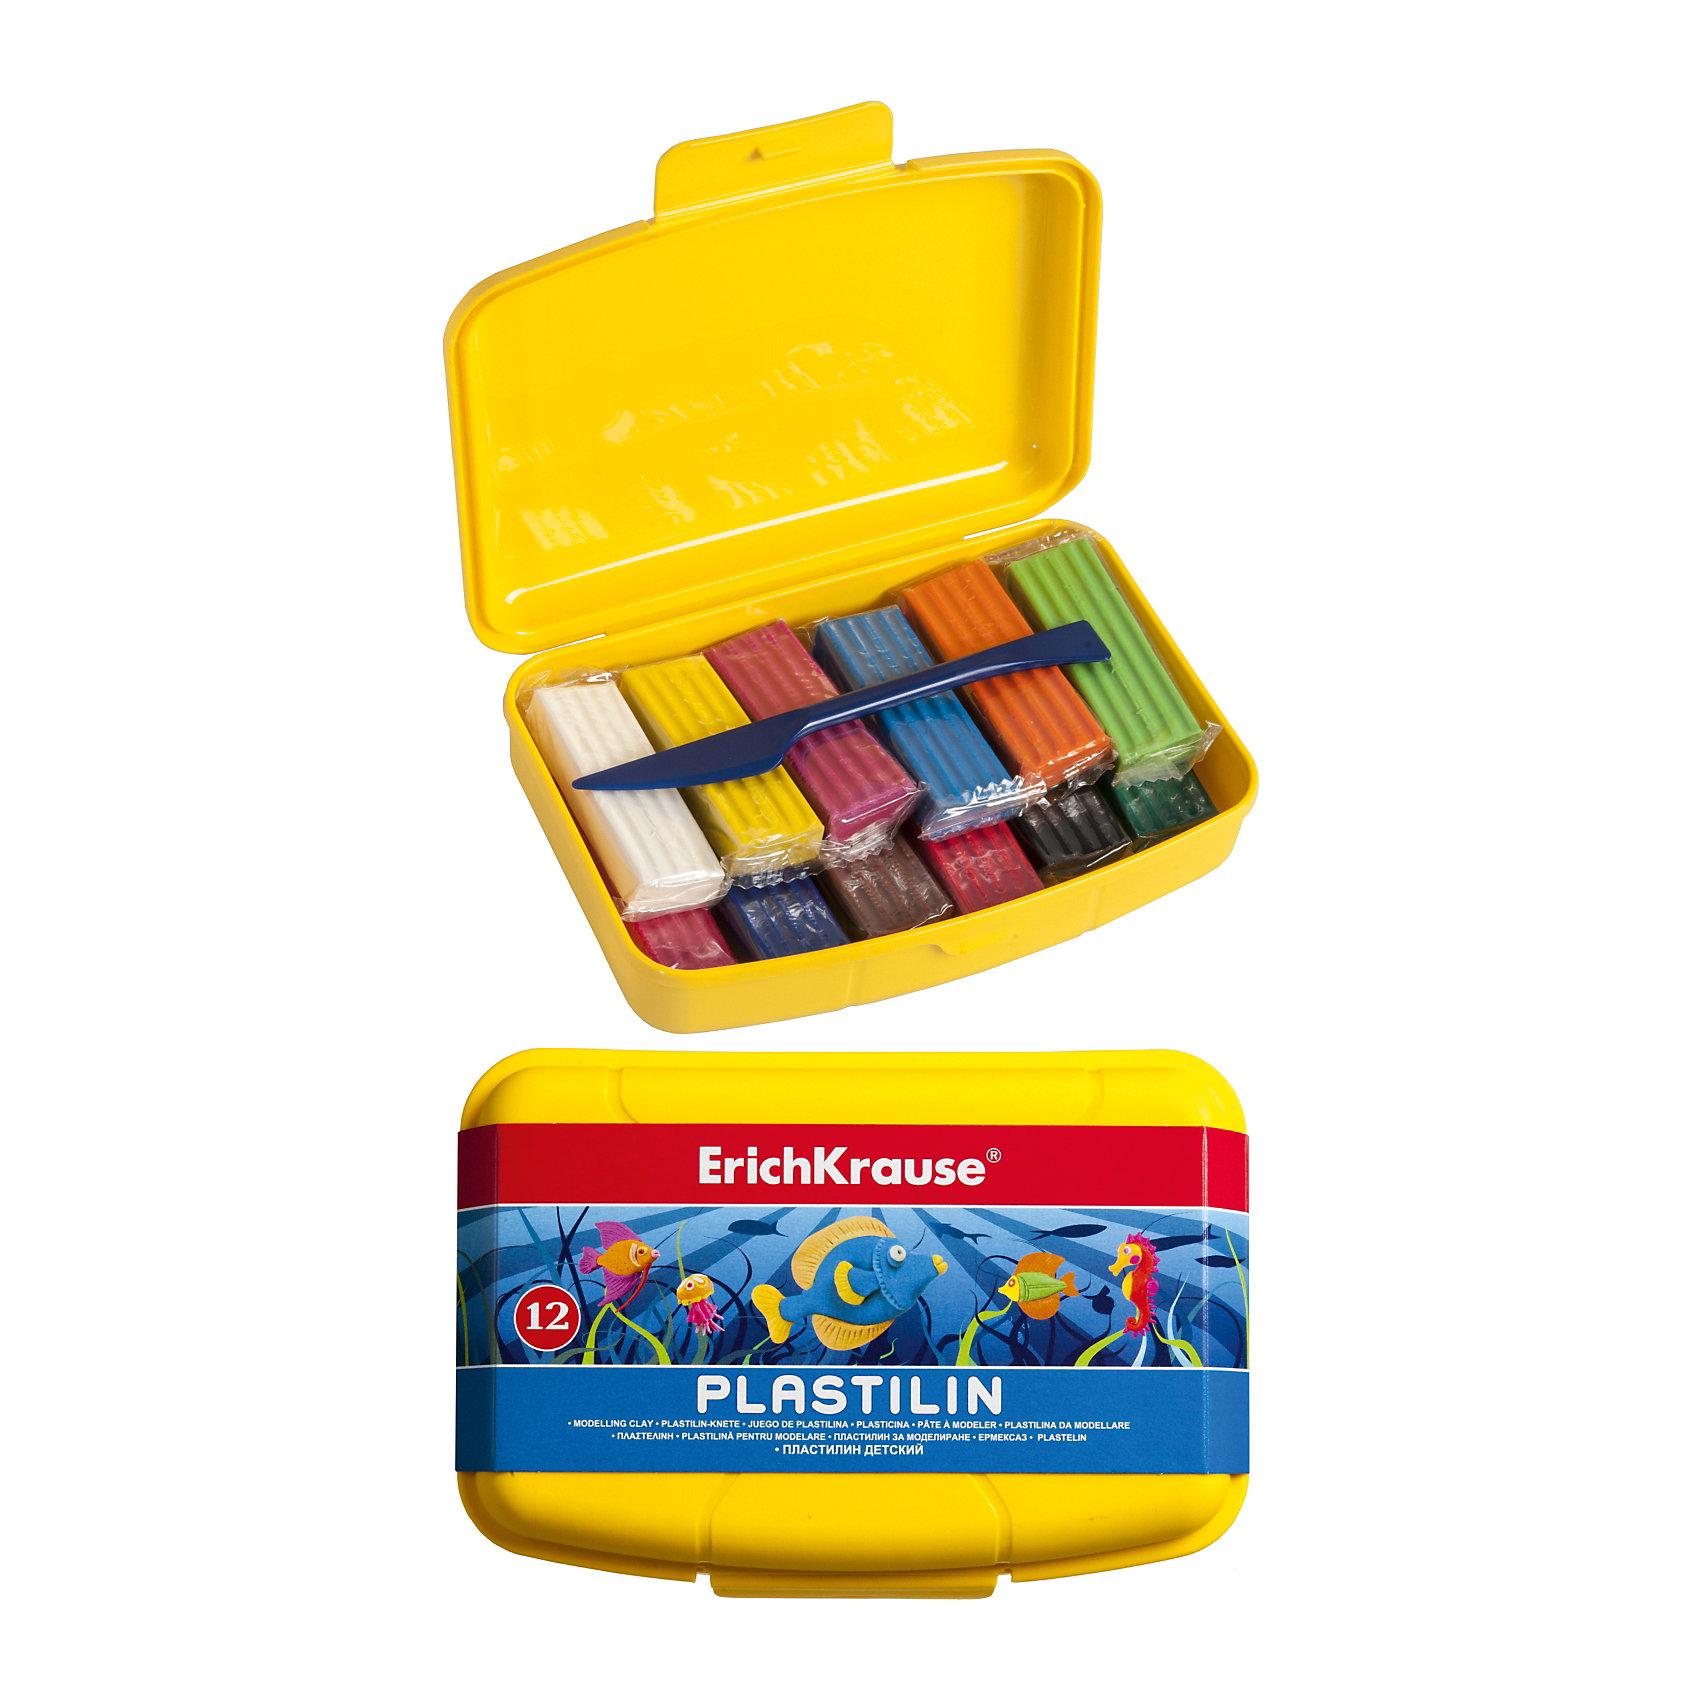 Пластилин 12 цветов, 216г, со стекомПластилин 12 цветов, 216г, со стеком<br><br>Характеристики:<br><br>• В набор входит: 12 брусочков пластилина, лопаточка-стек, желтый бокс<br>• Размер упаковки: 17 * 4 * 11 см.<br>• Вес: 313 г.<br>• Для детей в возрасте: от 3-х лет<br>• Страна производитель: Китай<br><br>Яркий жёлтый бокс отлично подходит для хранения пластилина и организации труда. Двенадцать ярких цветных брусочков пластилина изготовлены из безопасных для детей материалов и уже готовы к лепке. В набор входит лопаточка для пластилина, с ней вы сможете разрезать пластилин, делать его плоским или рифленым. Насыщенные цвета пластилина почти не оставляют следов на руках и могут перемешиваться между собой. Поделки из разных цветов отлично прикрепляются друг к другу. Работая с пластилином вы можете делать объемные фигурки, а также можете наносить пластилин на бумагу, картон или даже стекло, чтобы выполнять новые картины или даже фрески. <br><br>В набор входят основные двенадцать цветов, которые помогут создать настоящие шедевры. Занимаясь лепкой дети развивают моторику рук, творческие способности, восприятие цветов и их сочетаний, а также лепка благотворно влияет на развитие речи, координацию движений, память и логическое мышление. Лепка всей семьей поможет весело и пользой провести время!<br><br>Пластилин 12 цветов, 216г, со стеком можно купить в нашем интернет-магазине<br><br>Ширина мм: 170<br>Глубина мм: 40<br>Высота мм: 110<br>Вес г: 313<br>Возраст от месяцев: 60<br>Возраст до месяцев: 216<br>Пол: Унисекс<br>Возраст: Детский<br>SKU: 5409296